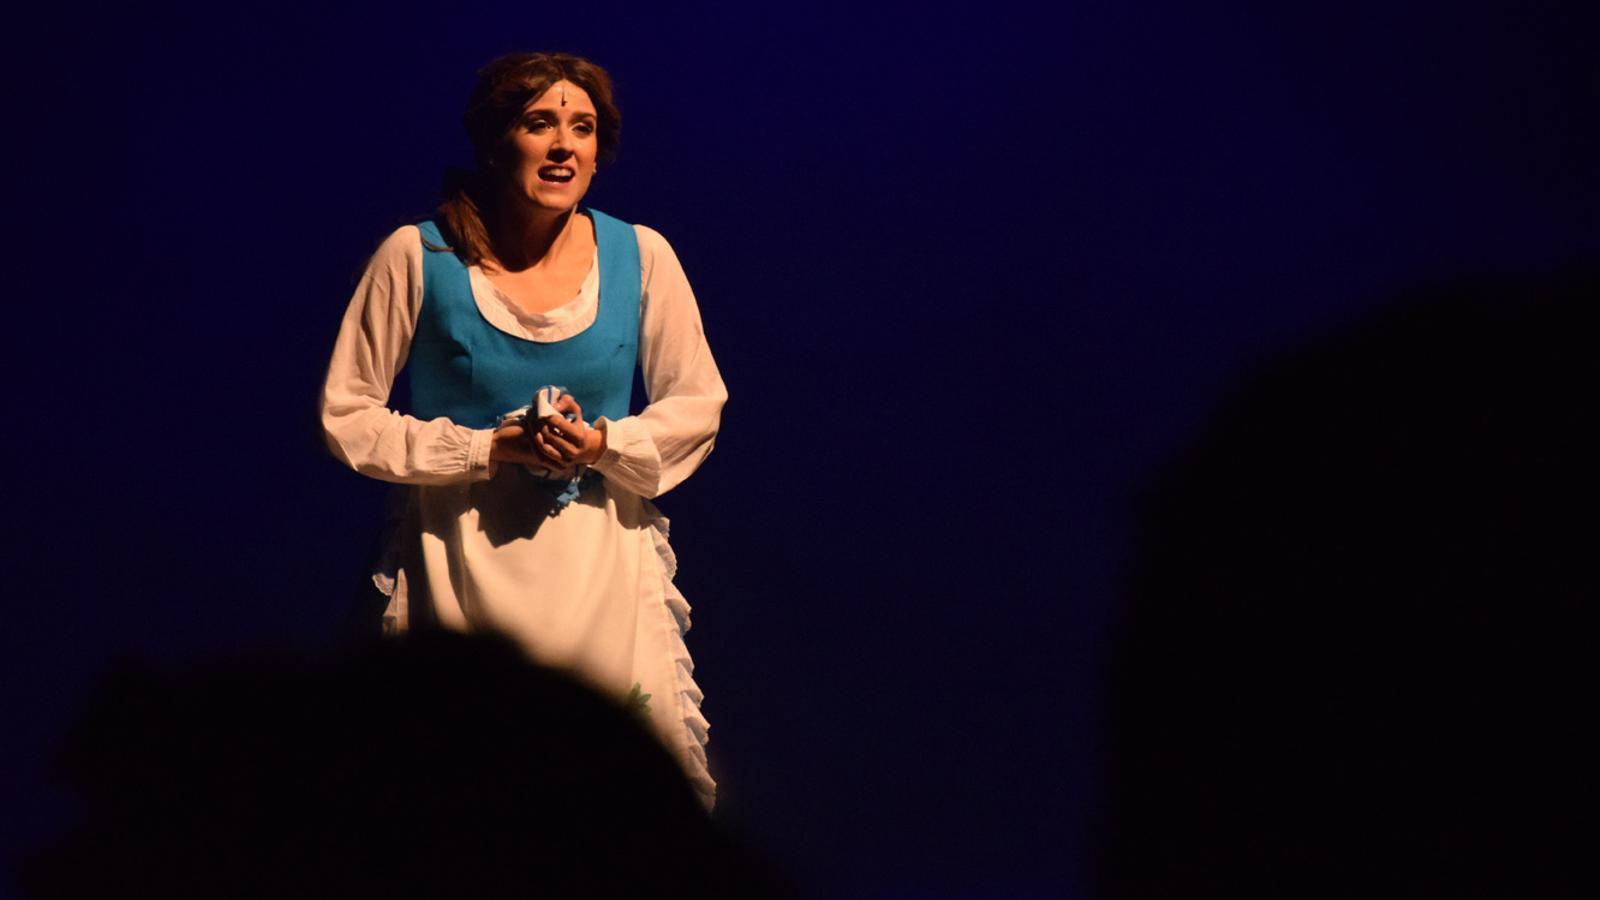 L'espectacle infantil de 'La bella i la bèstia' d'Encamp. / M. P. (ANA)